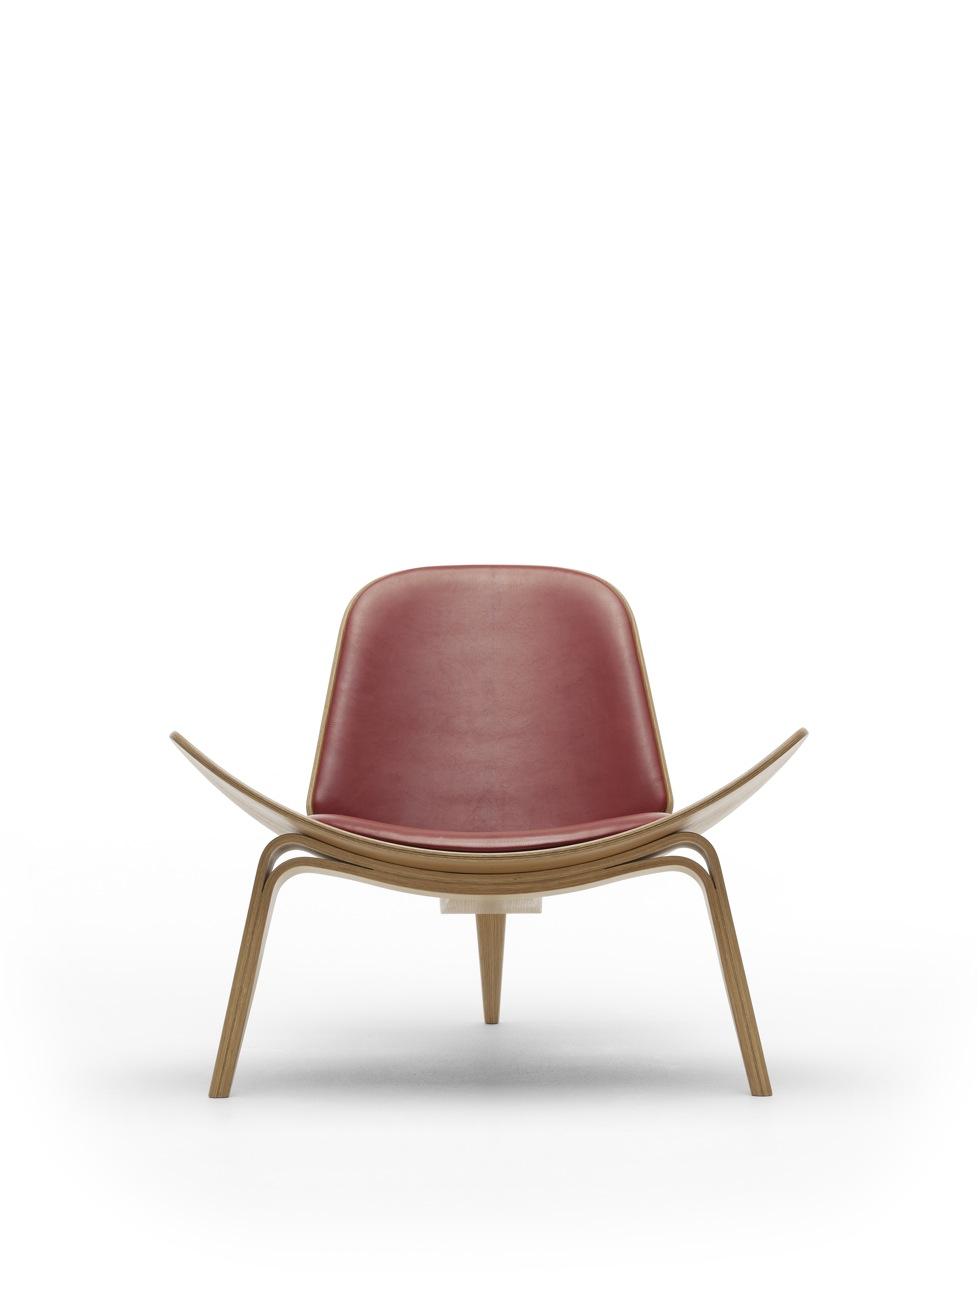 le fauteuil lounge ch07 de hans j wegner guten morgwen. Black Bedroom Furniture Sets. Home Design Ideas